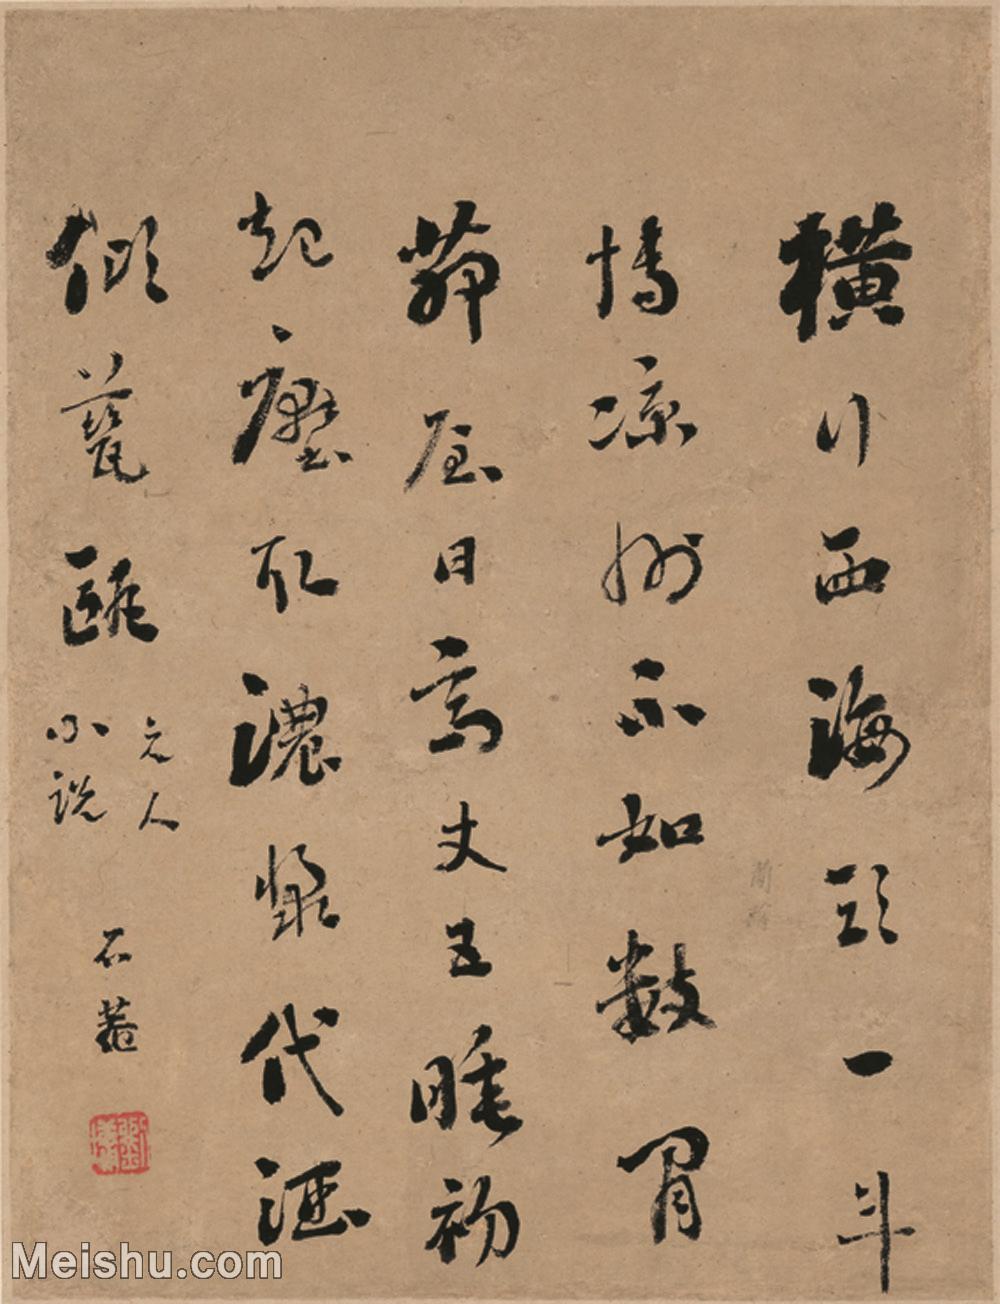 【印刷级】GH6062703古画恽寿平-花果蔬菜(3)册页图片-27M-2369X3092.jpg